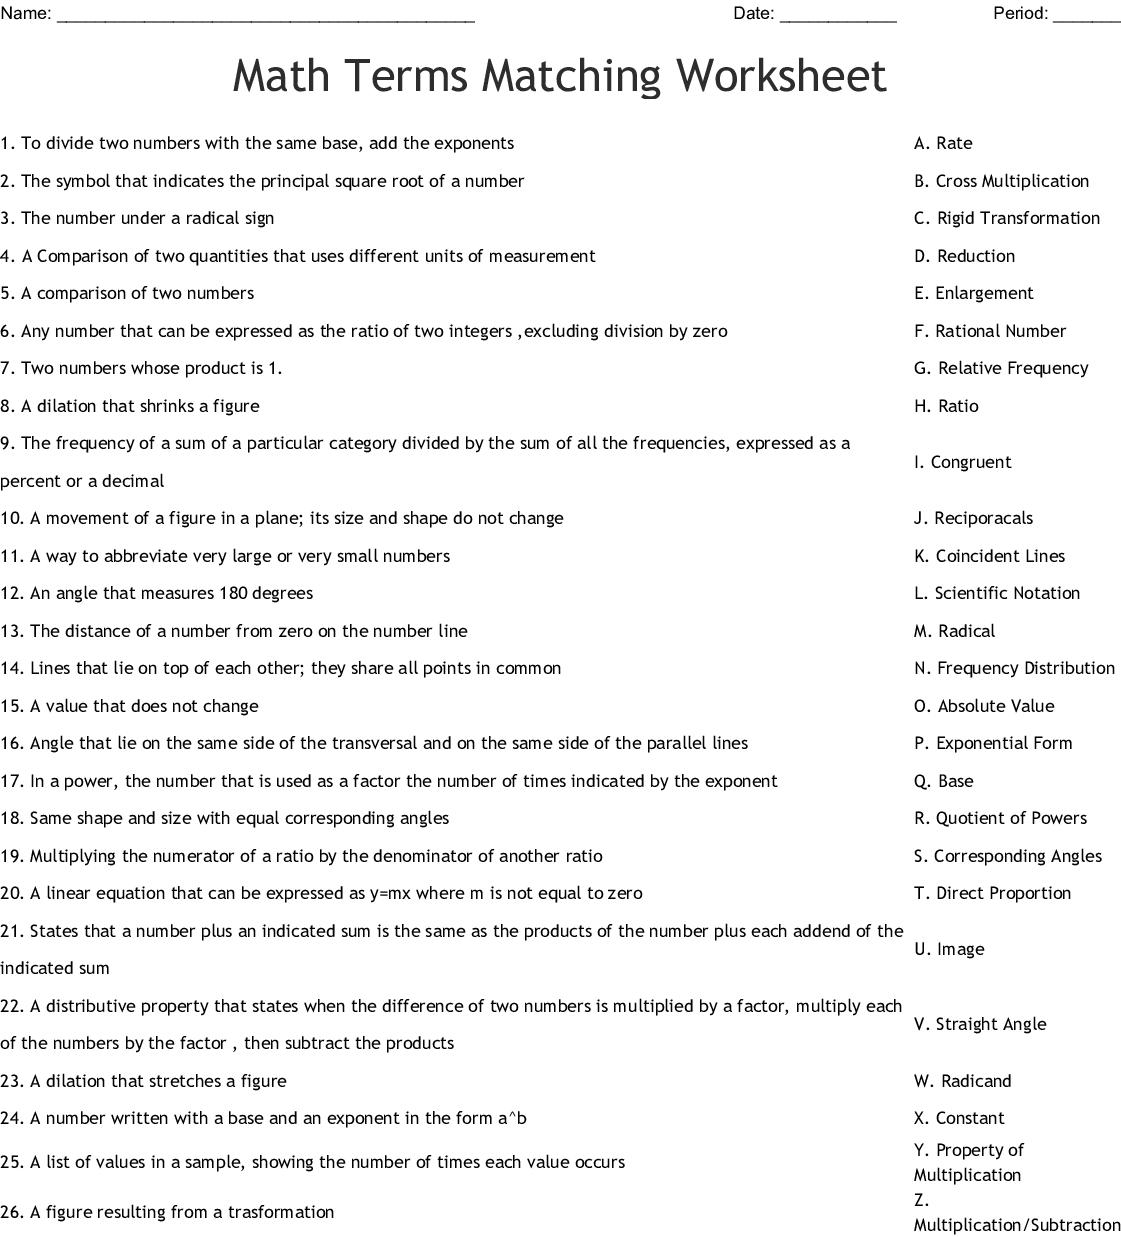 Math Terms Matching Worksheet